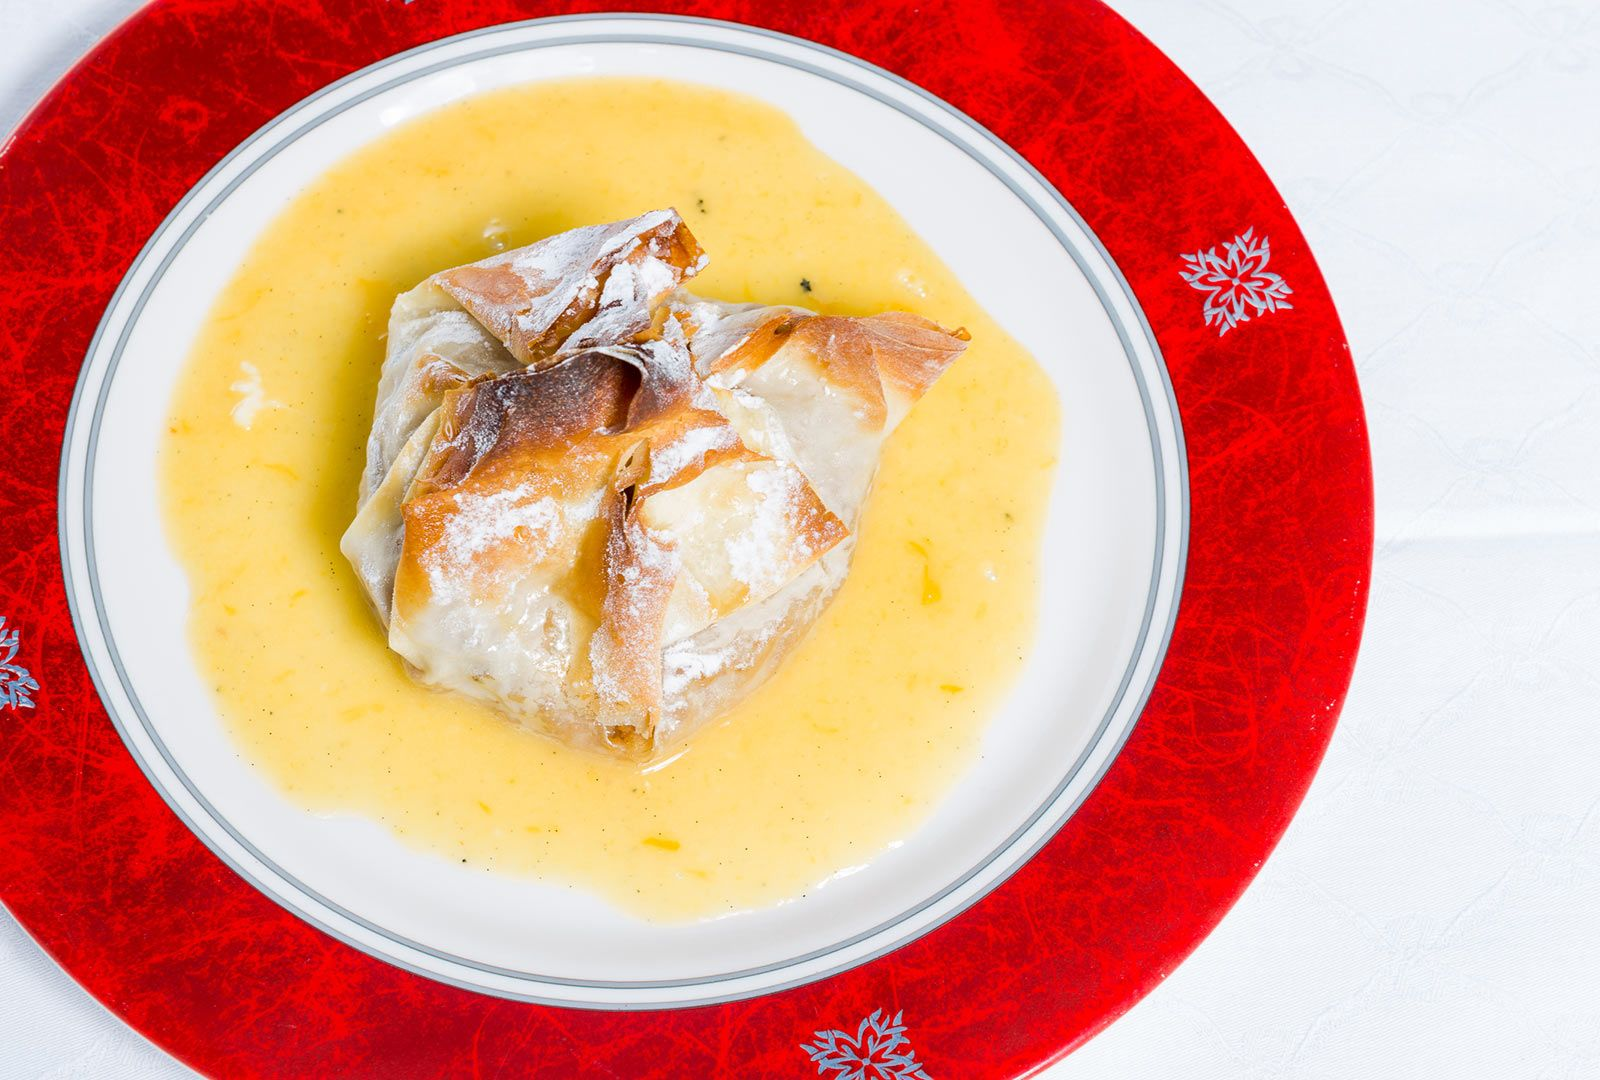 Croatia Küche   Essen Fotogalerie   Essen Fotos   Essen Bilder